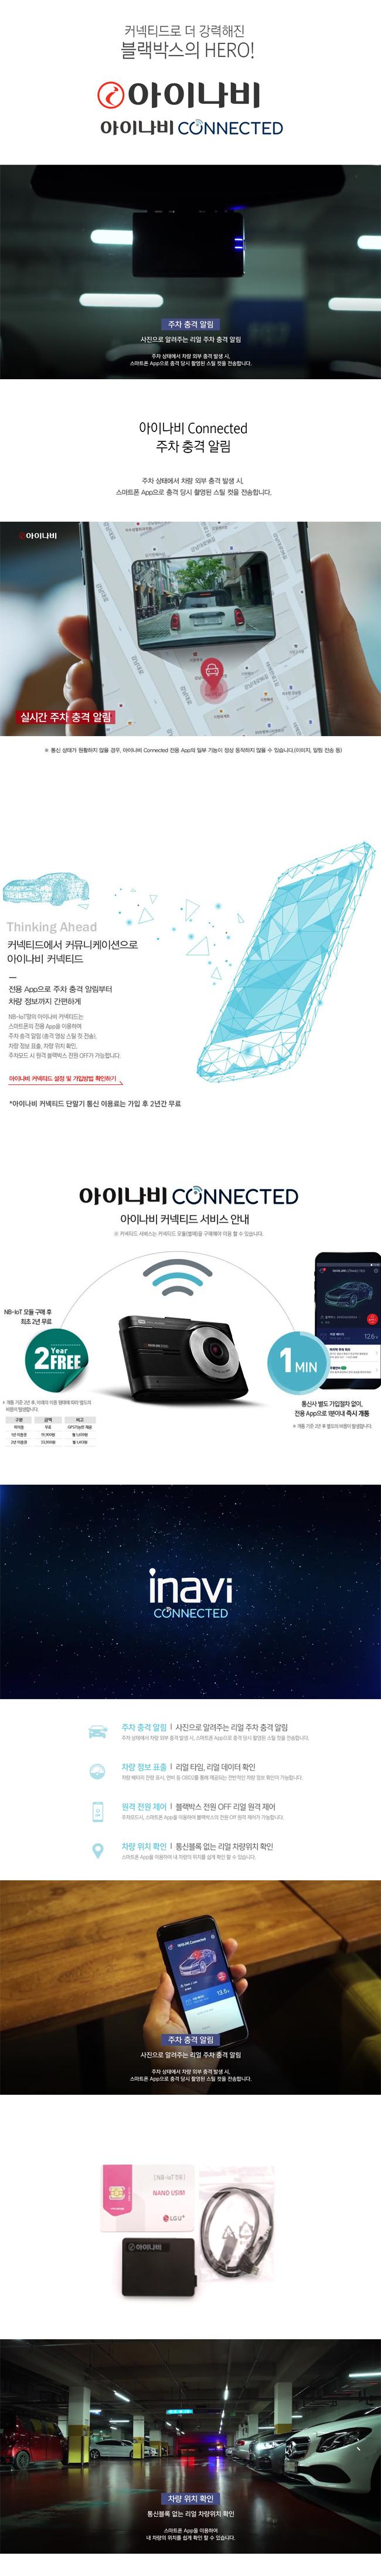 아이나비 커넥티드 ,블랙박스 주차 충격감지 알림기능 차량 위치 확인기능  GPS 기능